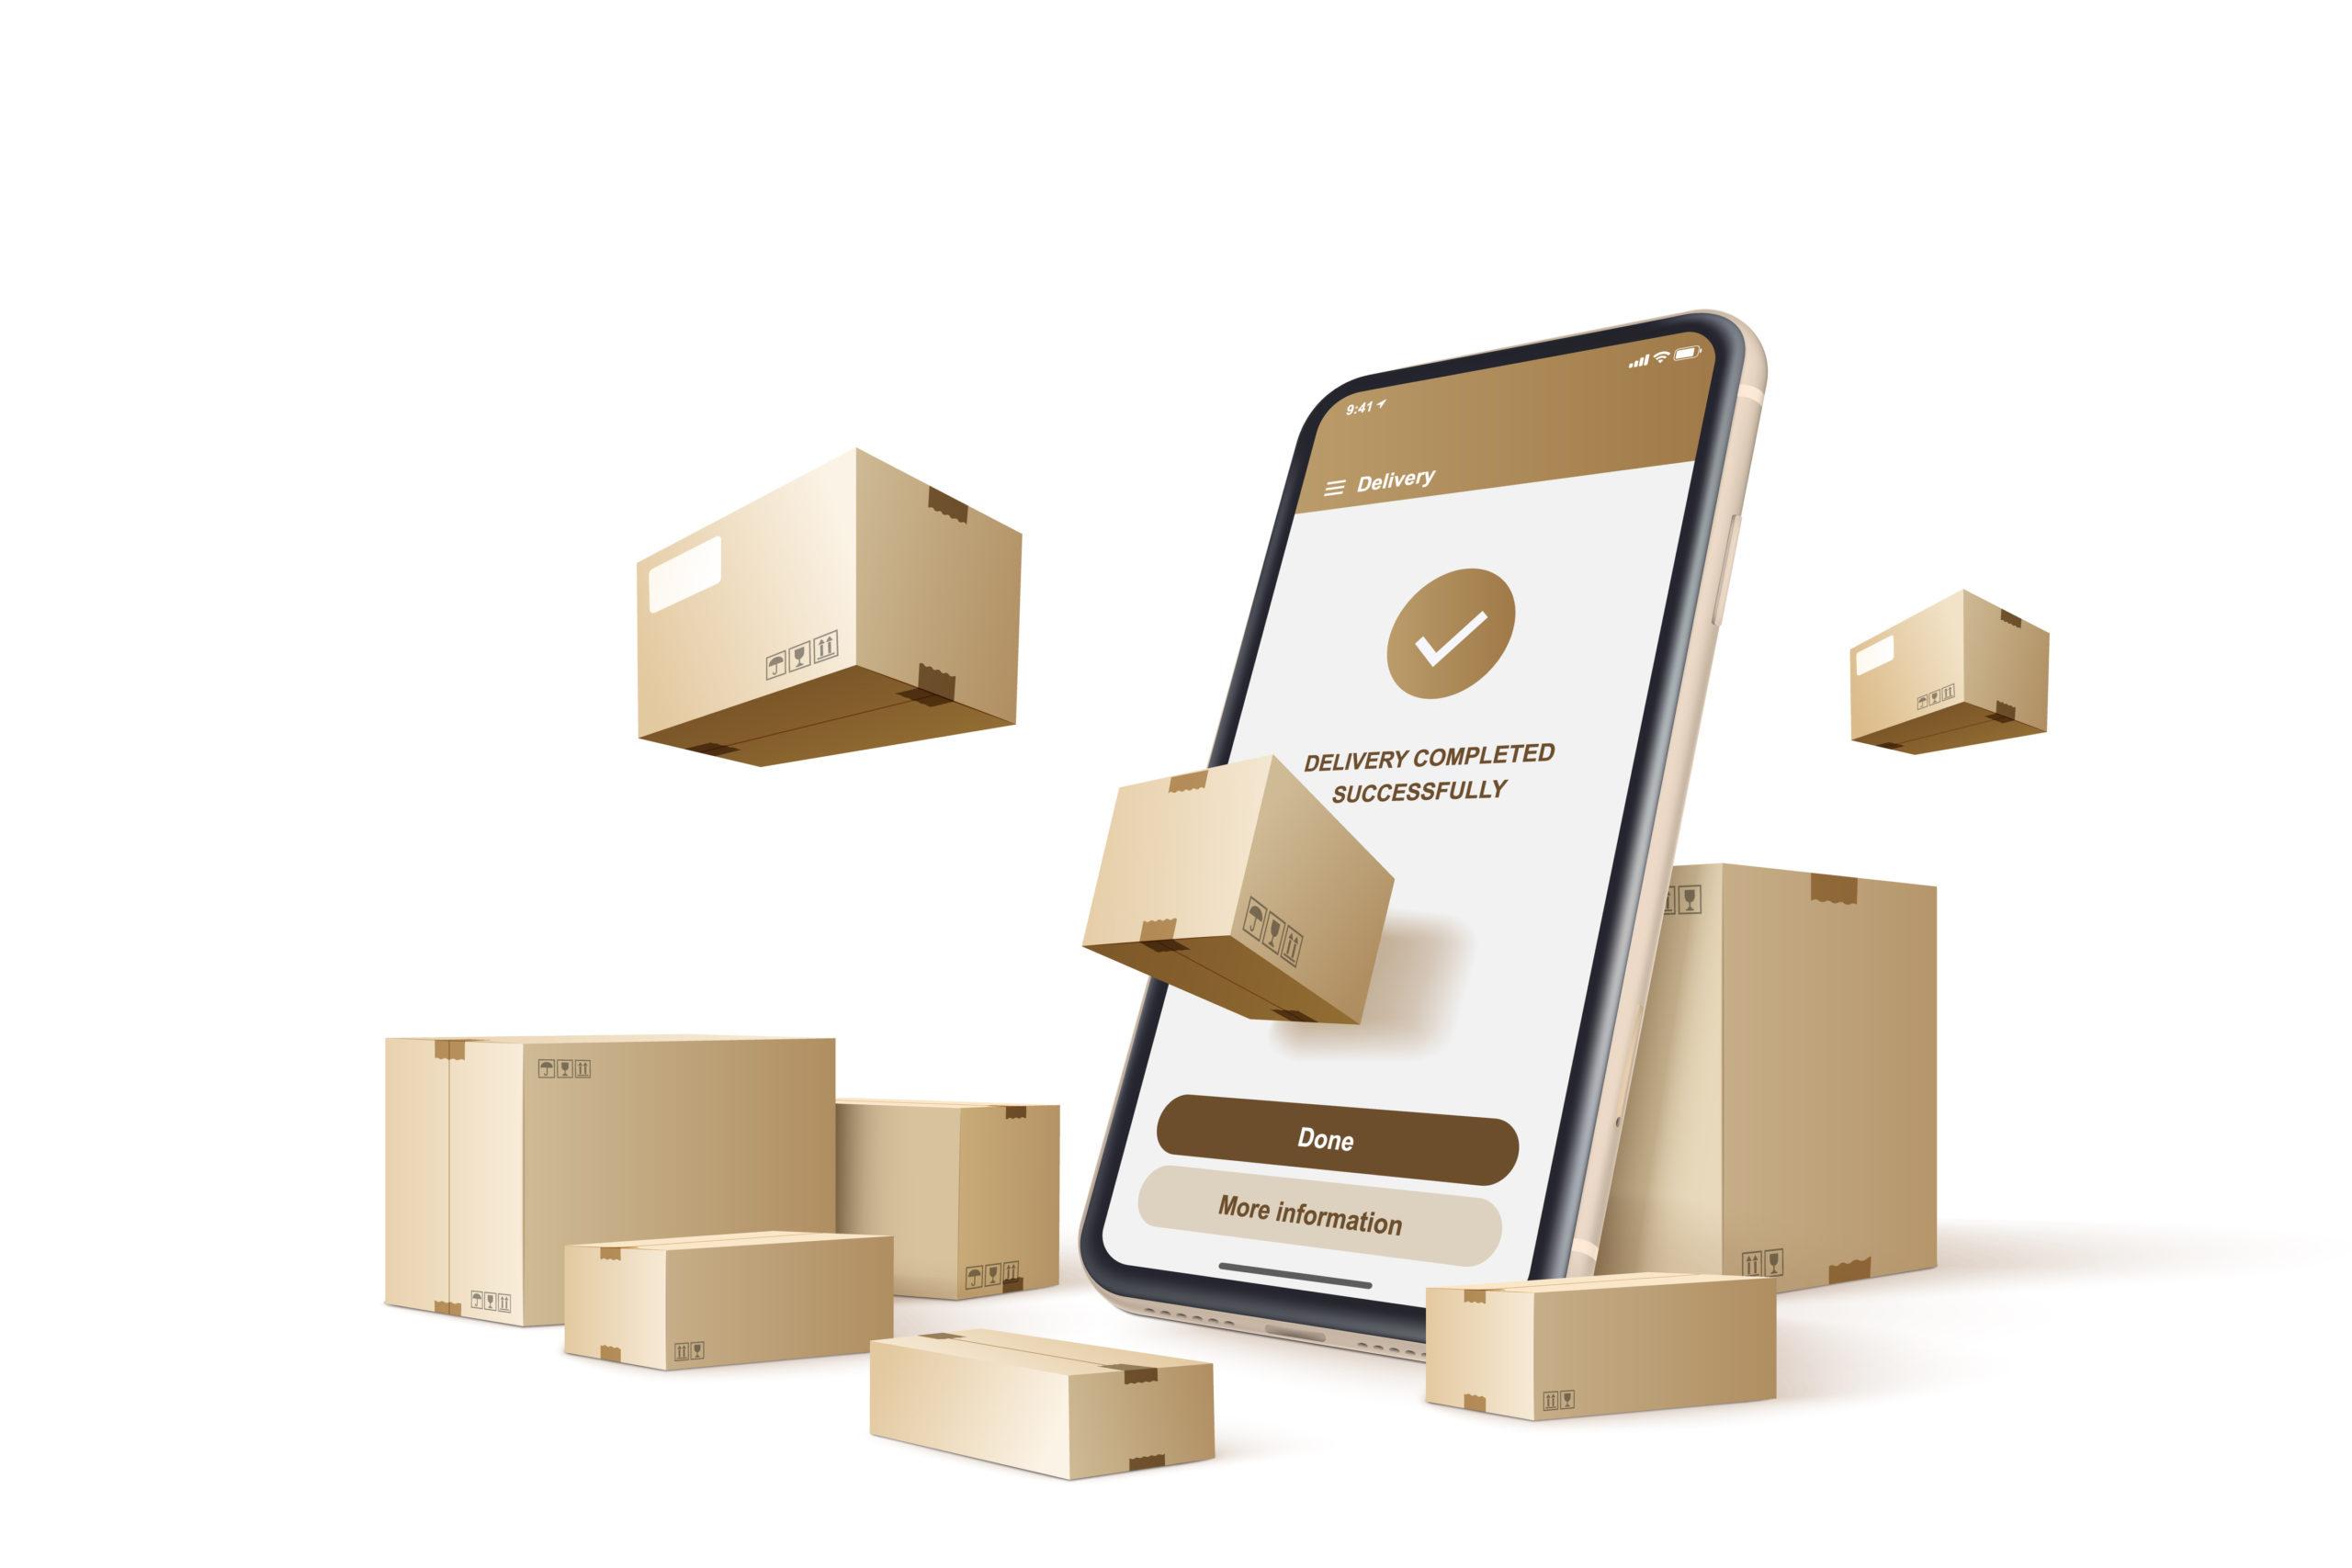 Pakete verfolgen mit dem Tracker4all